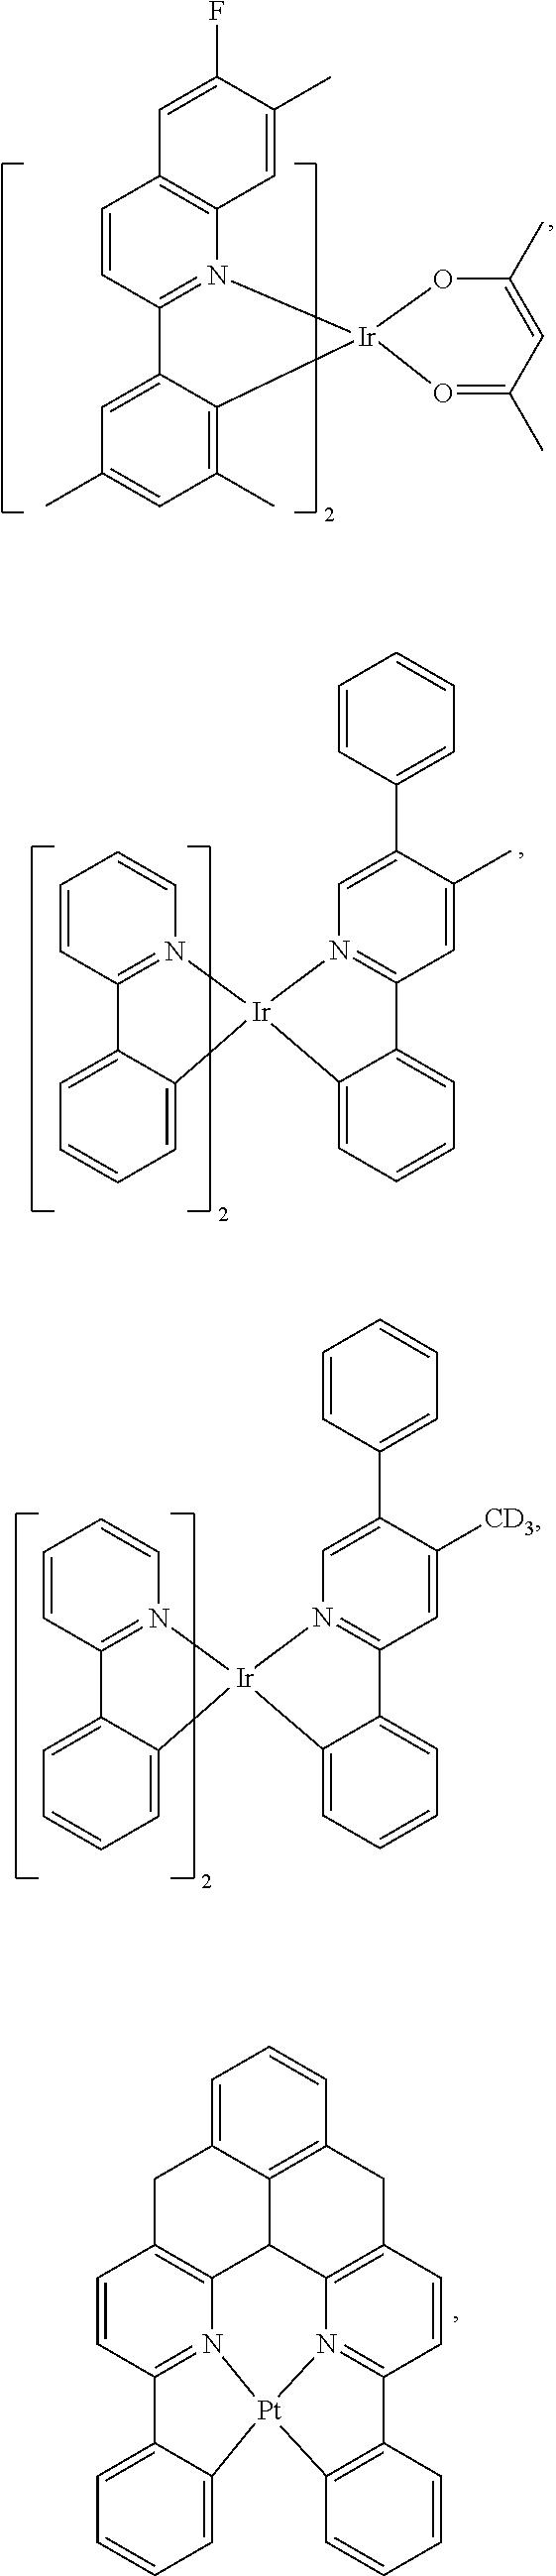 Figure US10301338-20190528-C00098